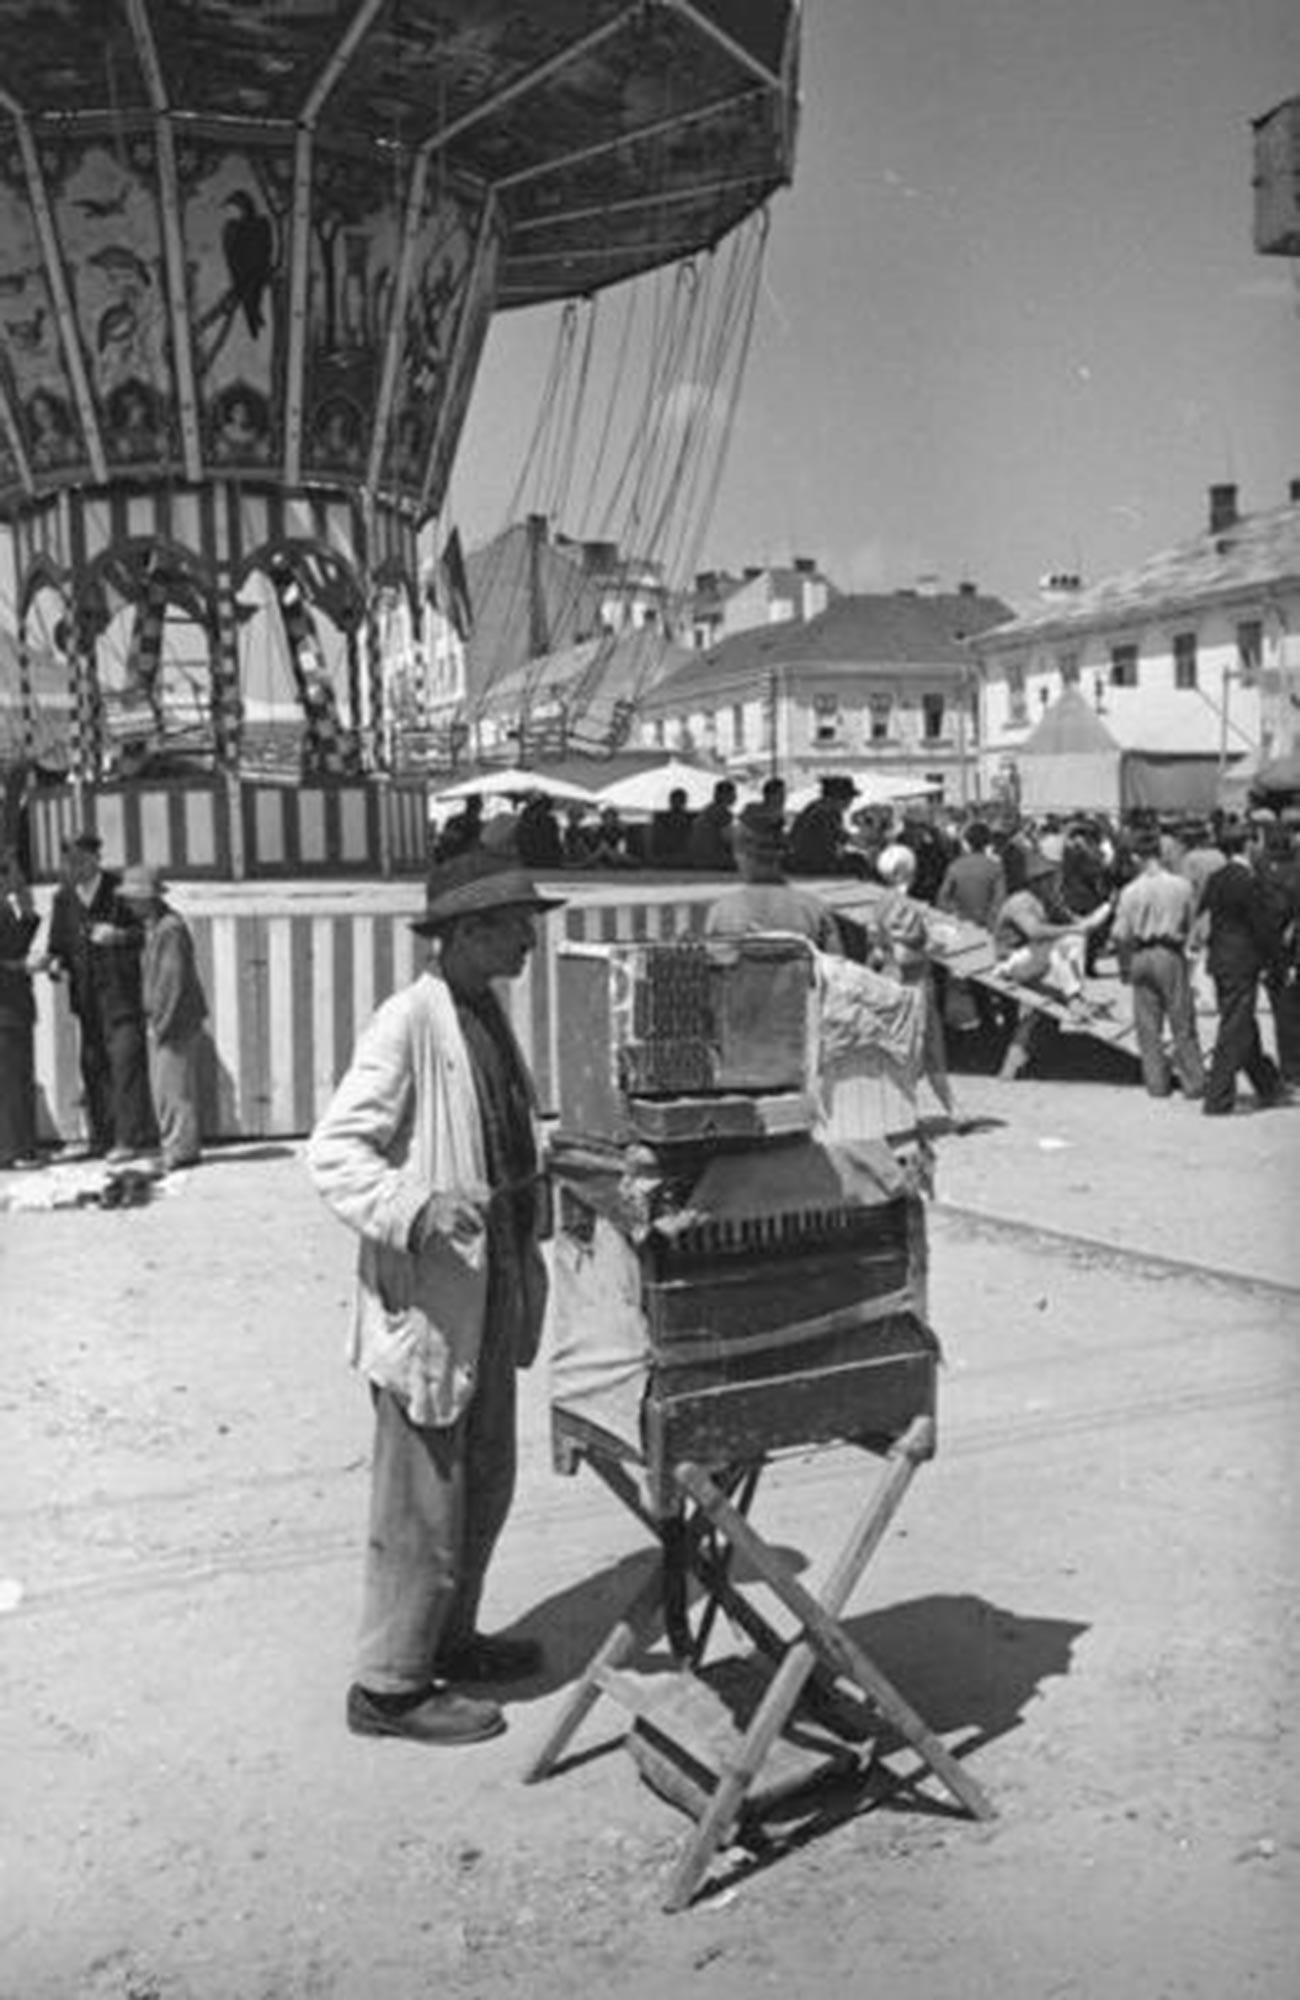 Joueur d'orgue de Barbarie avec perroquet au marché de Tchernovitsy (ville aujourd'hui située en Ukraine), 1940